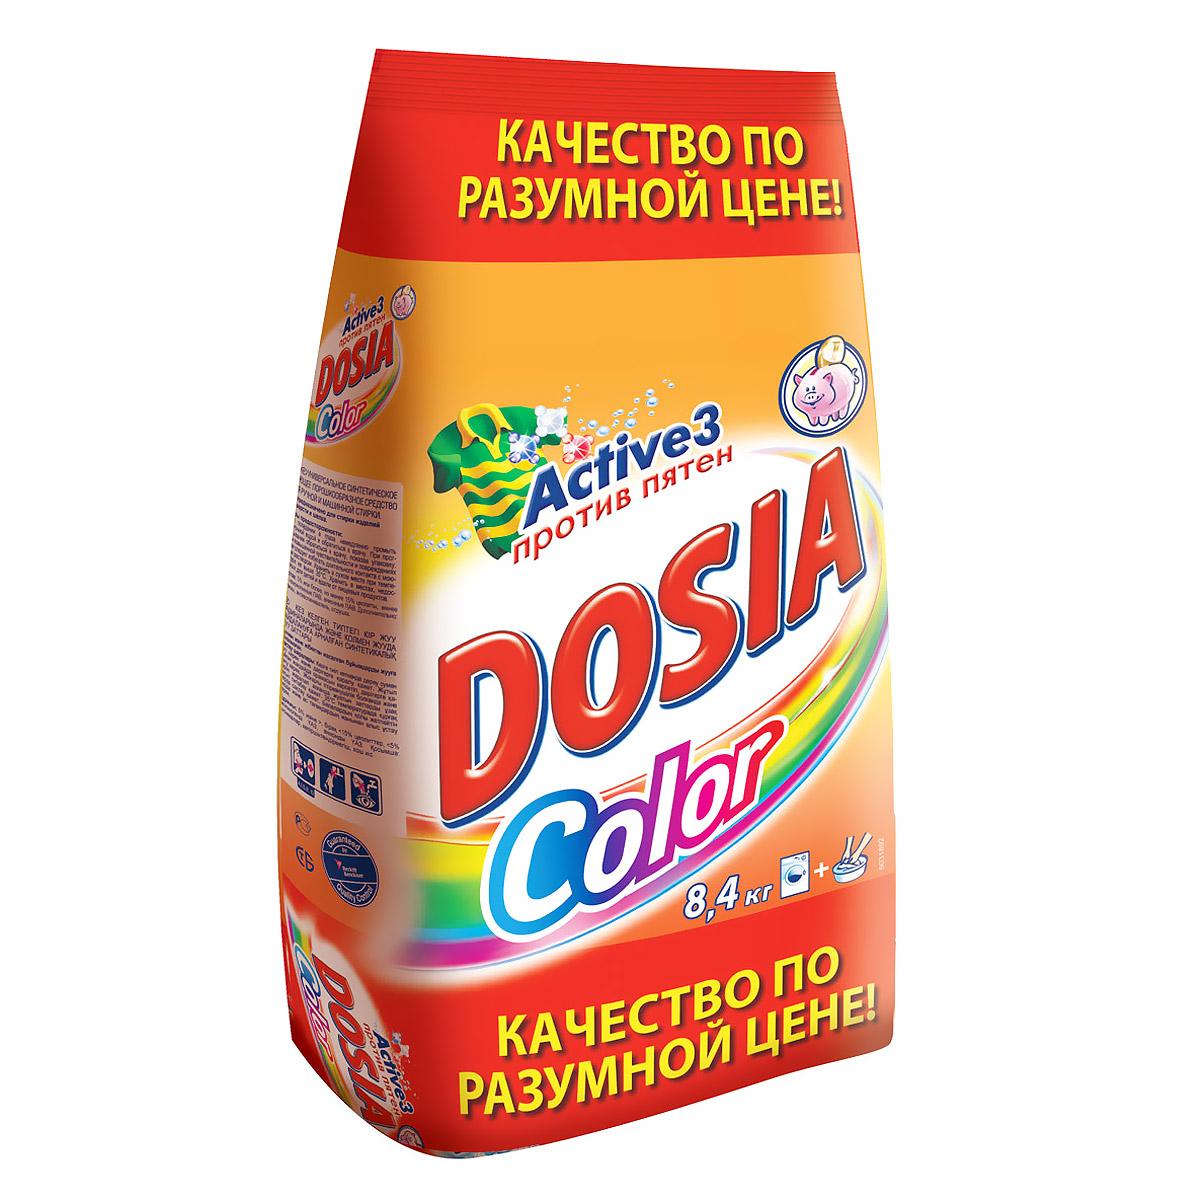 Стиральный порошок Dosia Color. Active 3, 8,4 кгS03301004Стиральный порошок Dosia Color Active 3 предназначен для стирки в стиральных машинах любого типа, также подходит для ручной стирки. Порошок содержит три активных компонента против различных пятен, которые воздействуют на волокна ткани и удаляют общие загрязнения, удаляют сложные пятна и не повреждают цвет вещей. Стиральный порошок Dosia Color для цветного белья бережно удаляет пятна, сохраняя свежий цвет ваших вещей стирка за стиркой! Порошок содержит компоненты, помогающие защитить стиральную машину от накипи и известкового налета.Насладитесь идеальной чистотой и свежестью своих вещей с новой Dosia Color! Характеристики: Вес: 8,4 кг. Изготовитель: Россия.Товар сертифицирован.УВАЖАЕМЫЕ КЛИЕНТЫ!Обращаем ваше внимание на возможные изменения в дизайне упаковки. Поставка осуществляется в зависимости от наличия на складе. Качественные характеристики товара остаются неизменными.